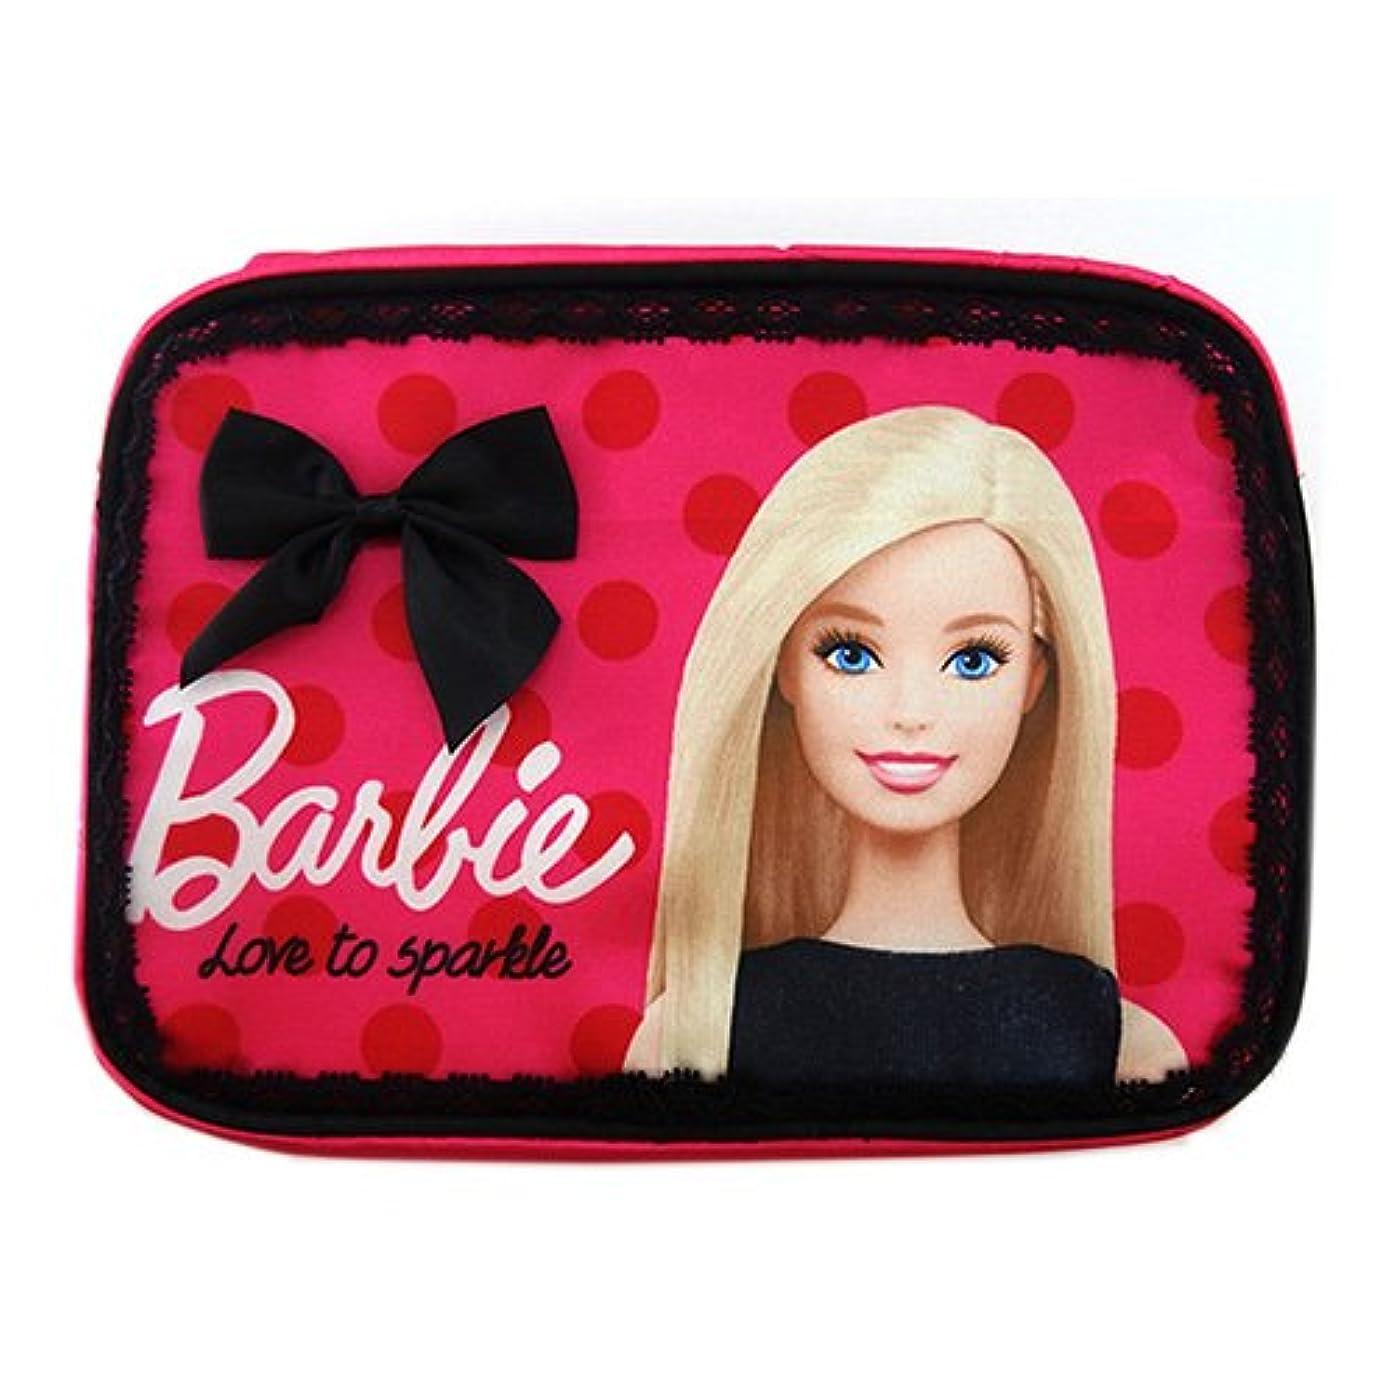 気難しい神話雑草バービー Barbie コスメポーチ フューシャピンク 11662【Barbie ポーチ メイクポーチ ケース 袋 ピンク フラットポーチ】